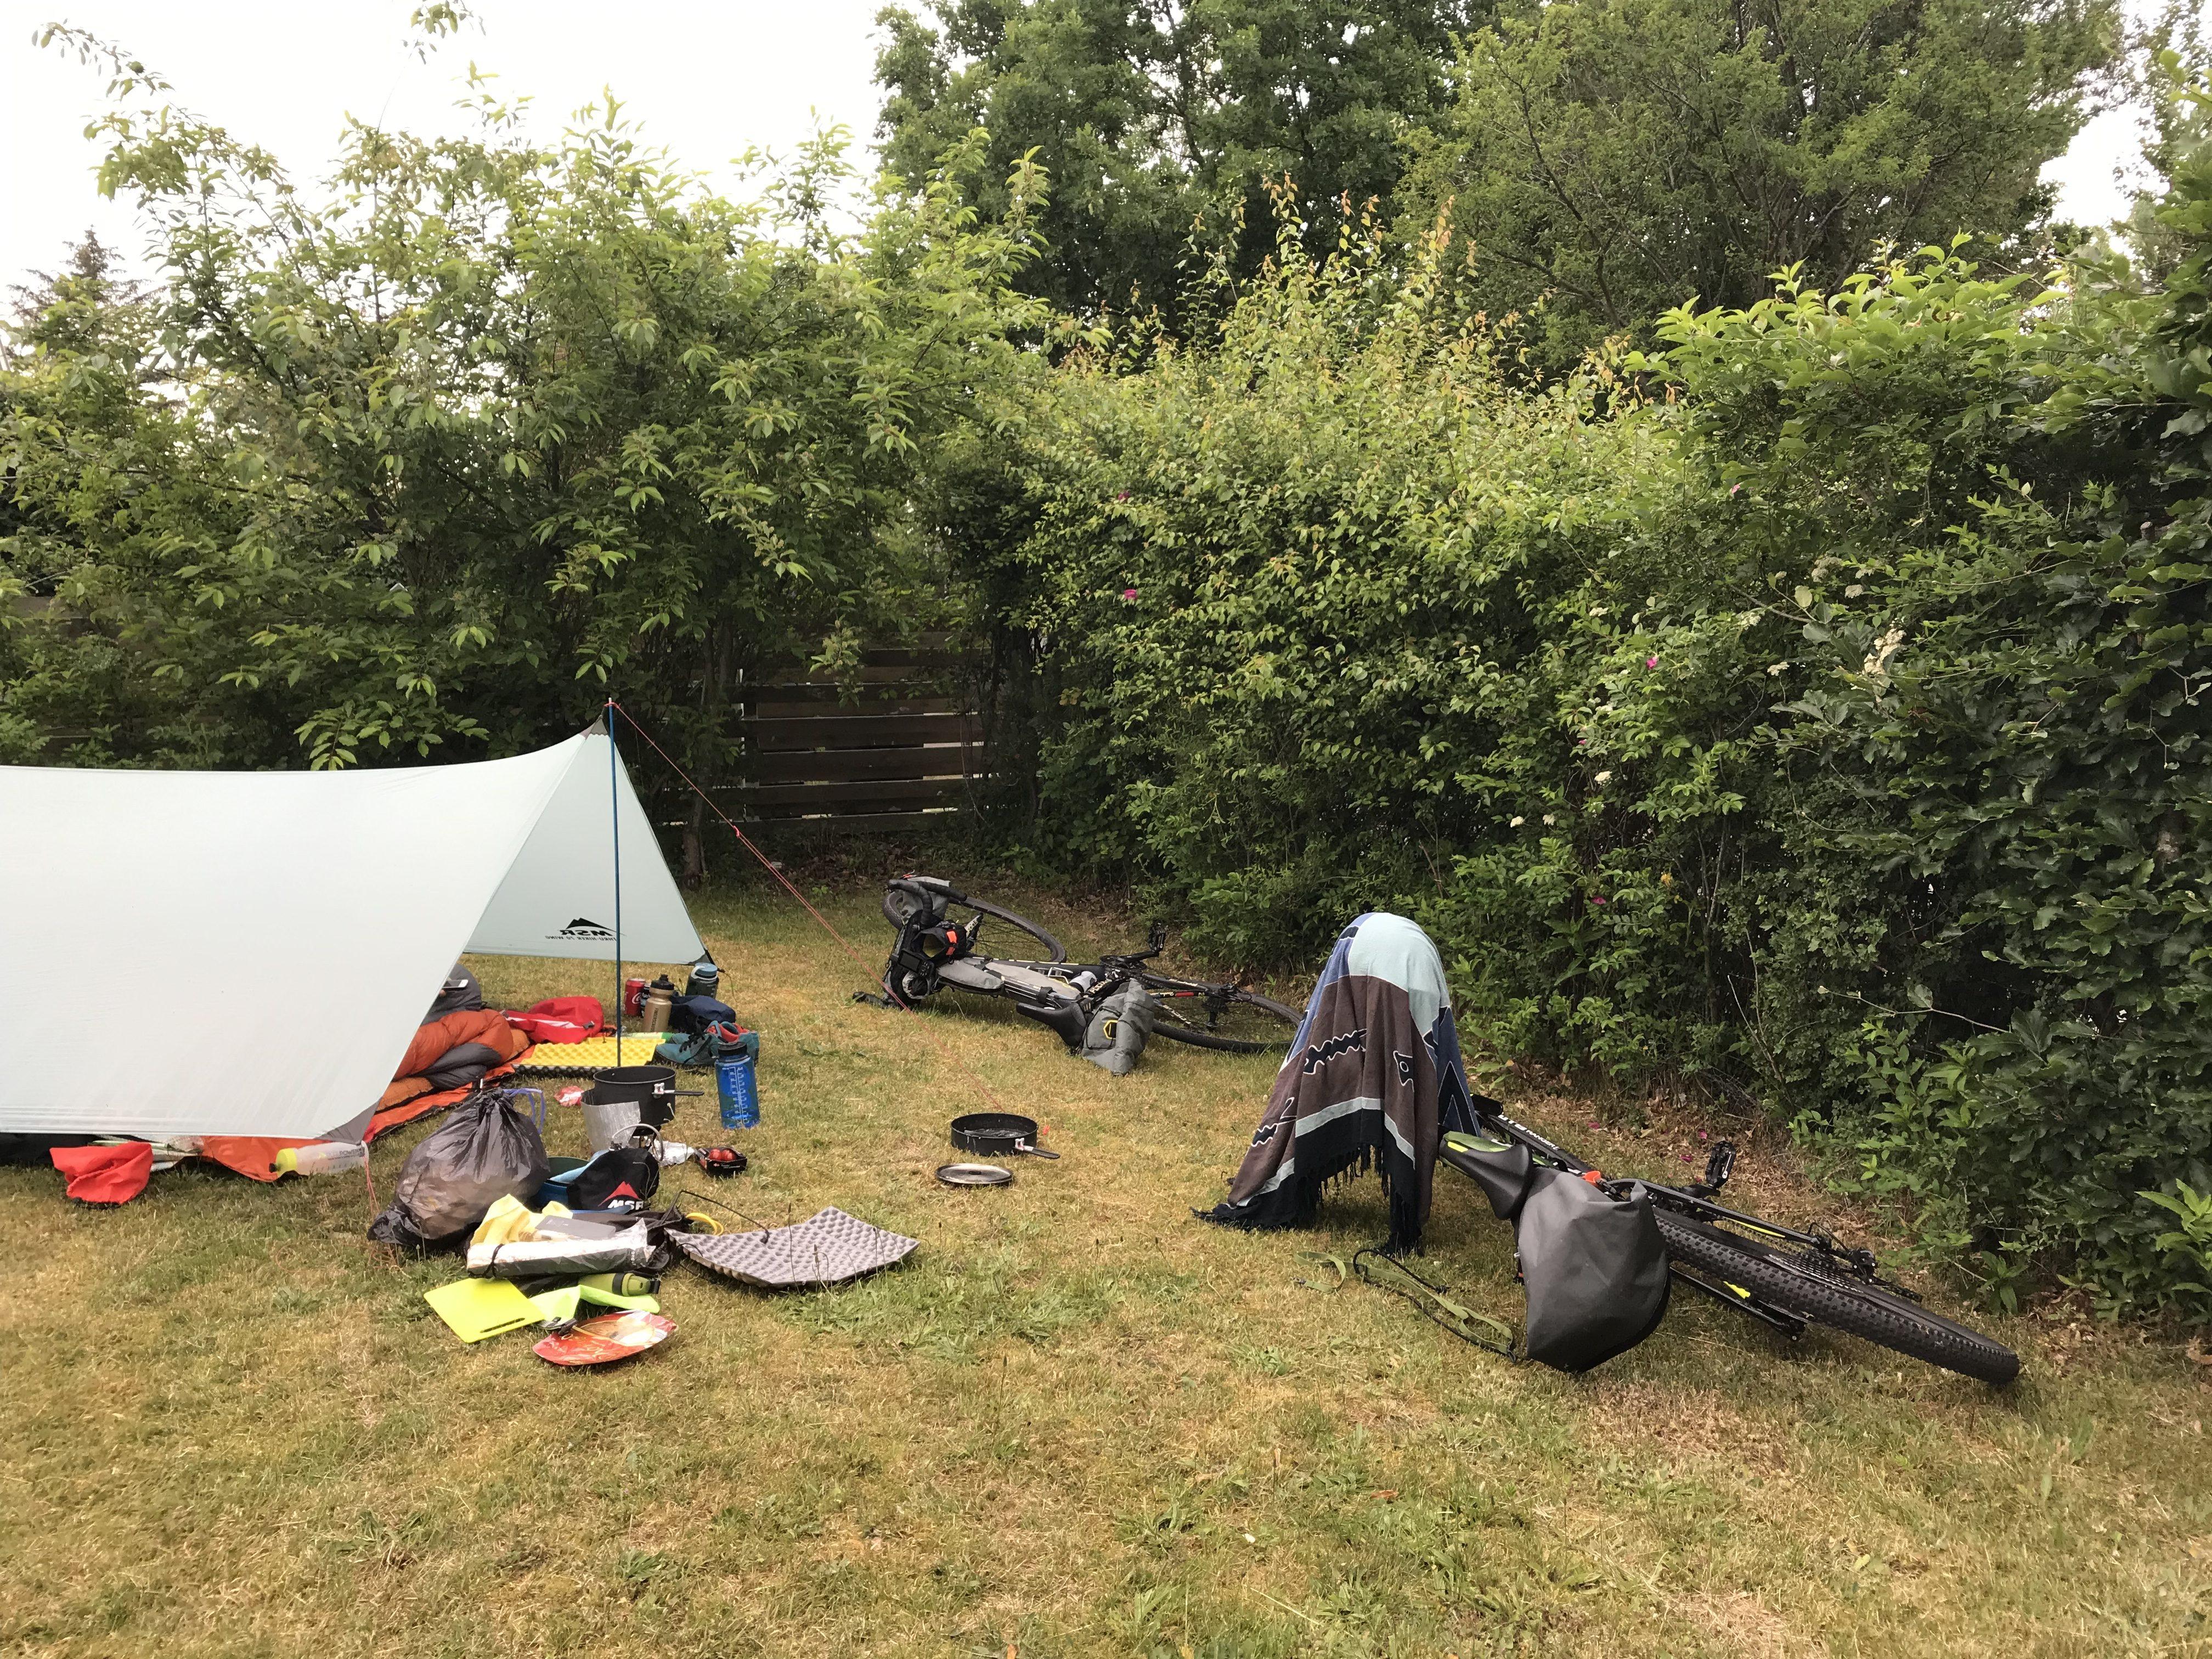 Har er tarpen uglamourøst smækket op i baghaven hos venner i sommerhus. Fordelen er det jævne underlag, tætklippede græs og manglen på myg.